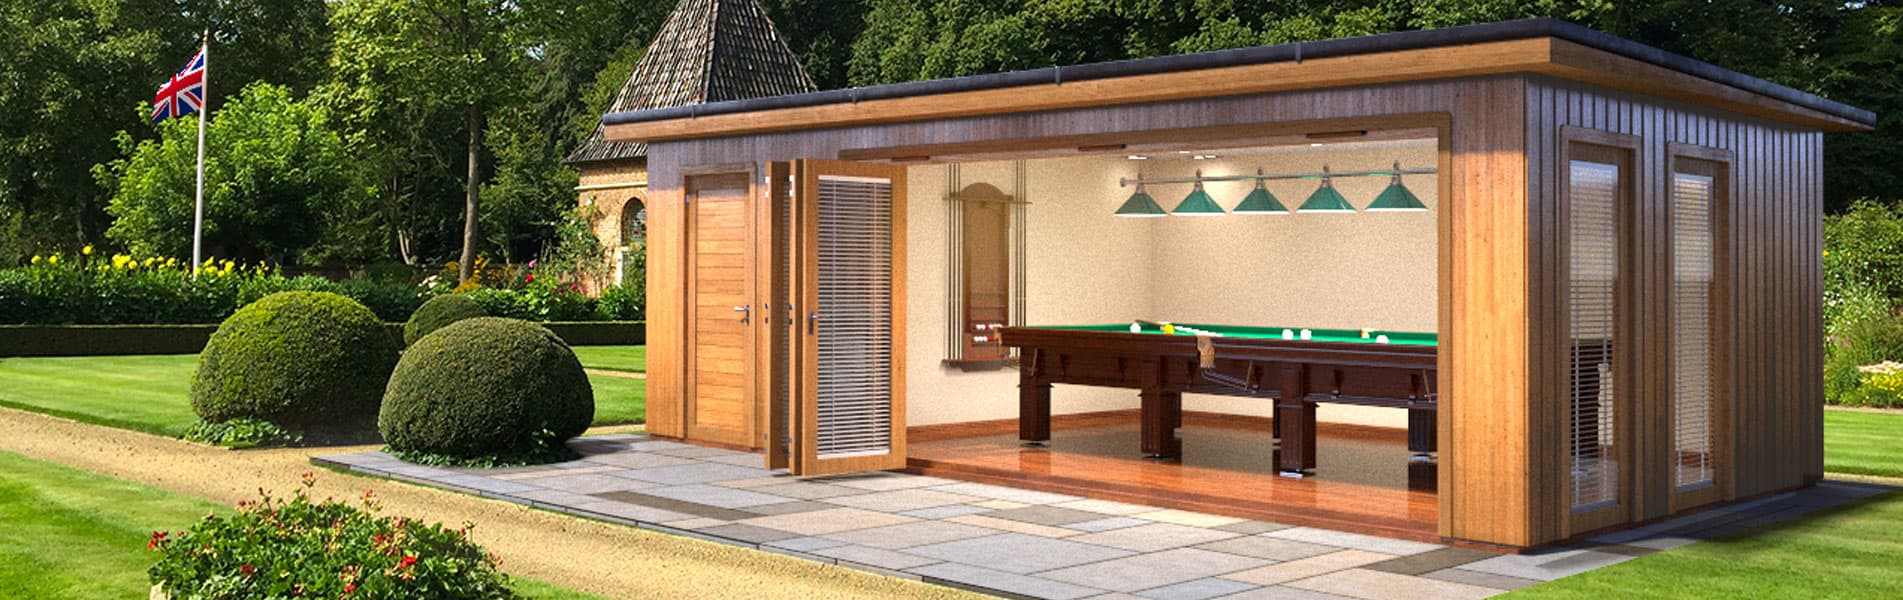 Luxury garden rooms wooden gazebos in berkshire crown for Luxury garden rooms